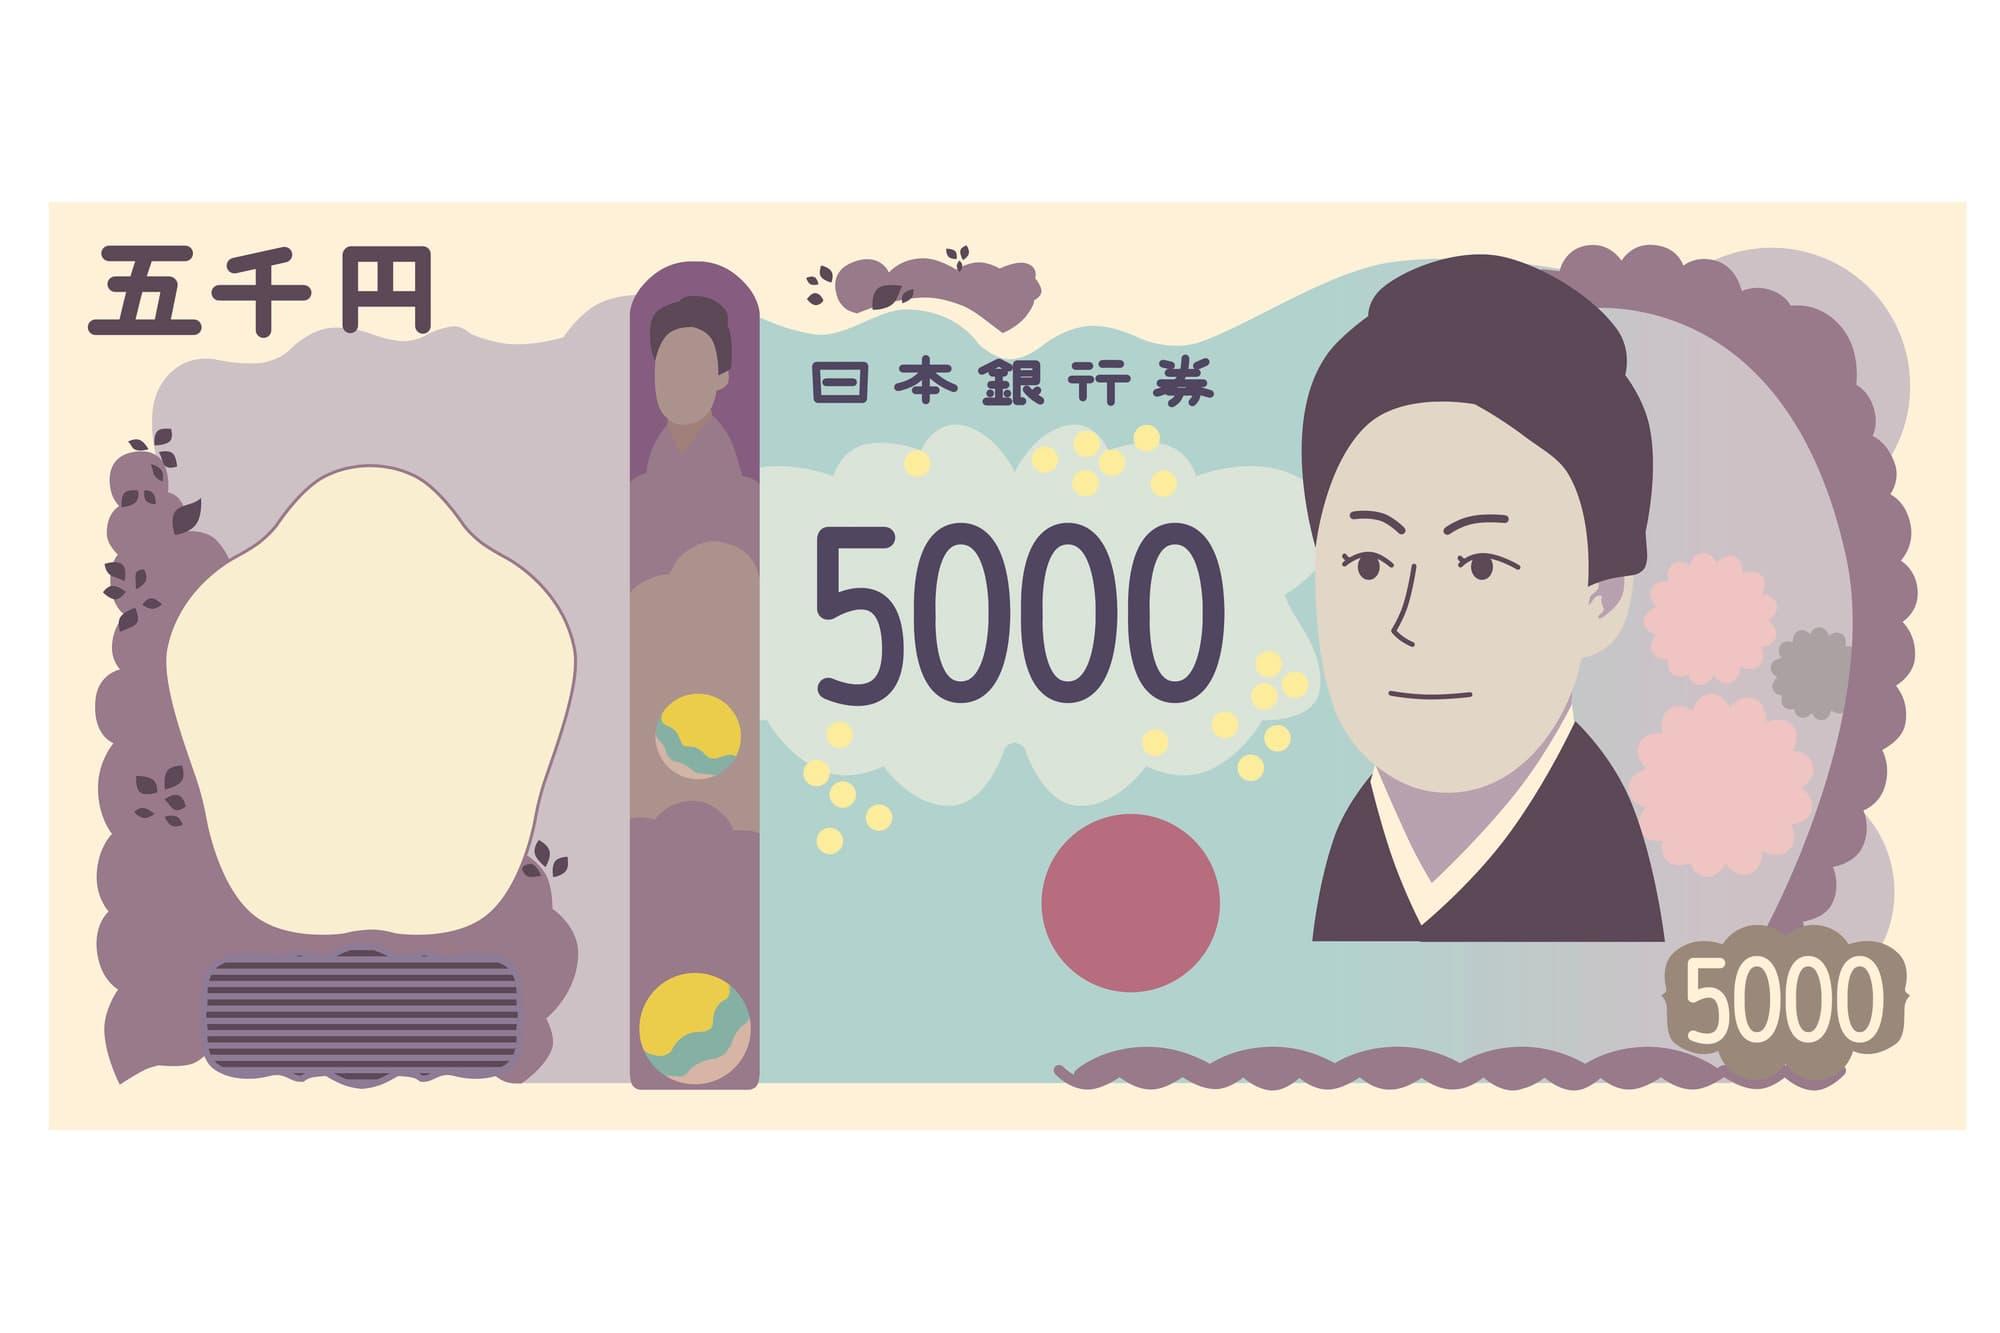 の 新しい 人物 お札 新しい1万円札の人物 「渋沢栄一」とは?令和に紙幣刷新